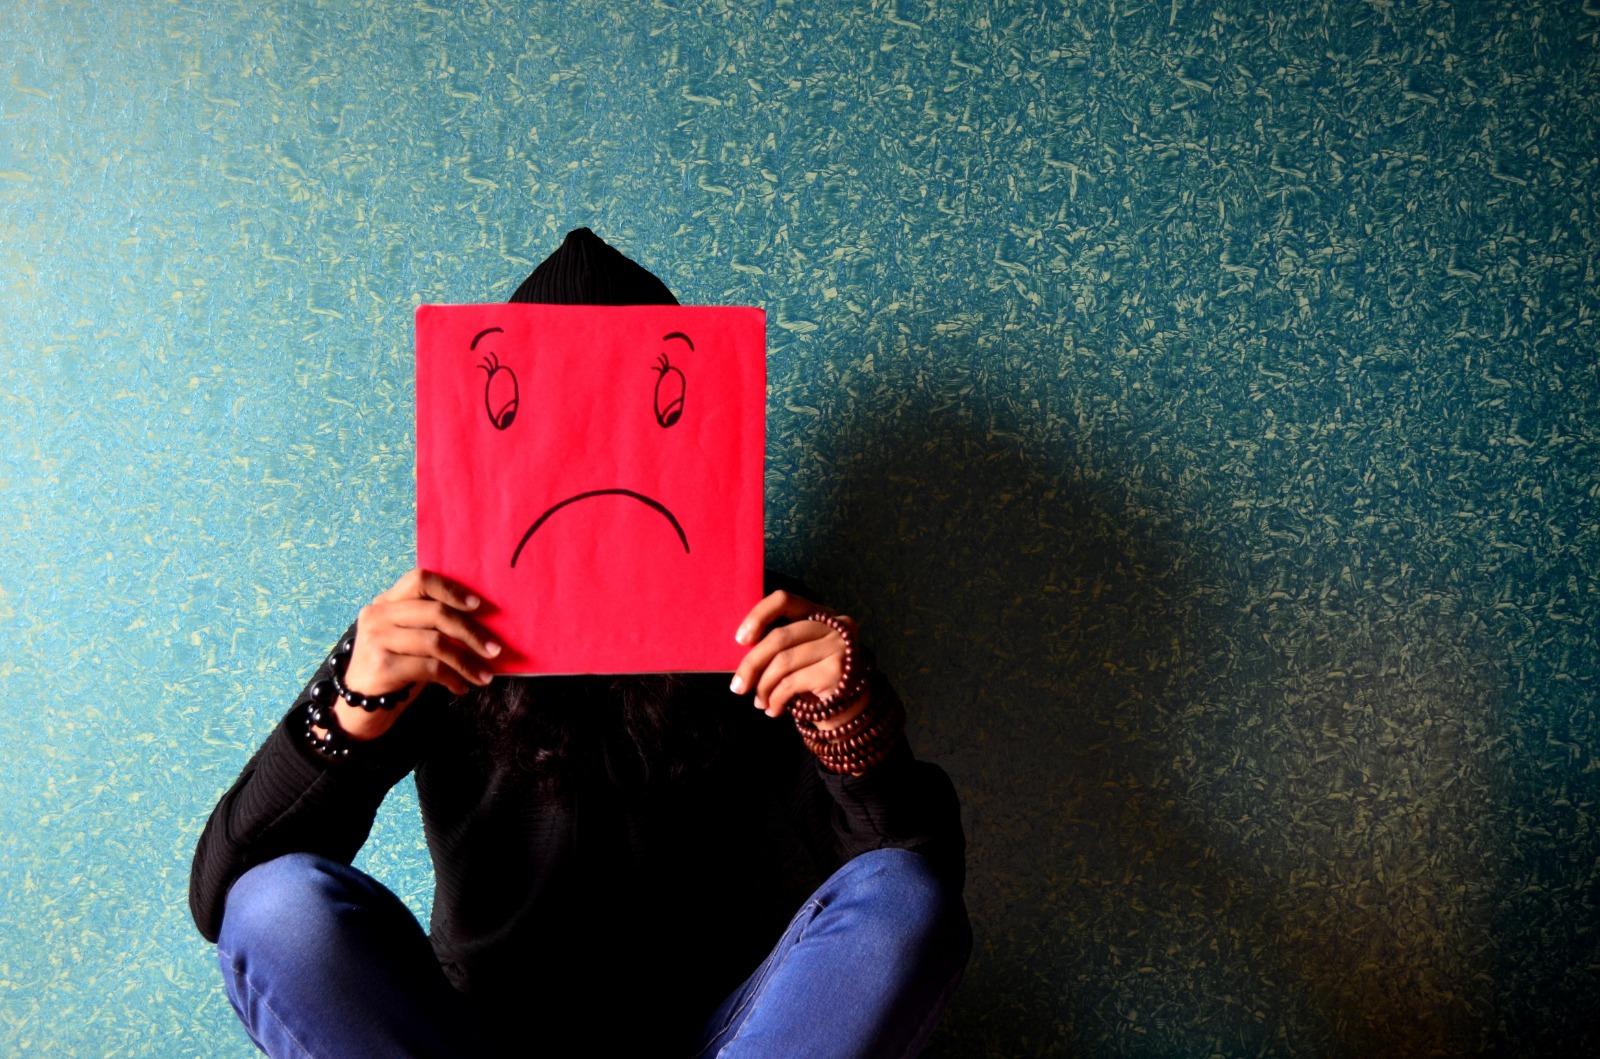 抑鬱症有抗藥性  治療需耐性